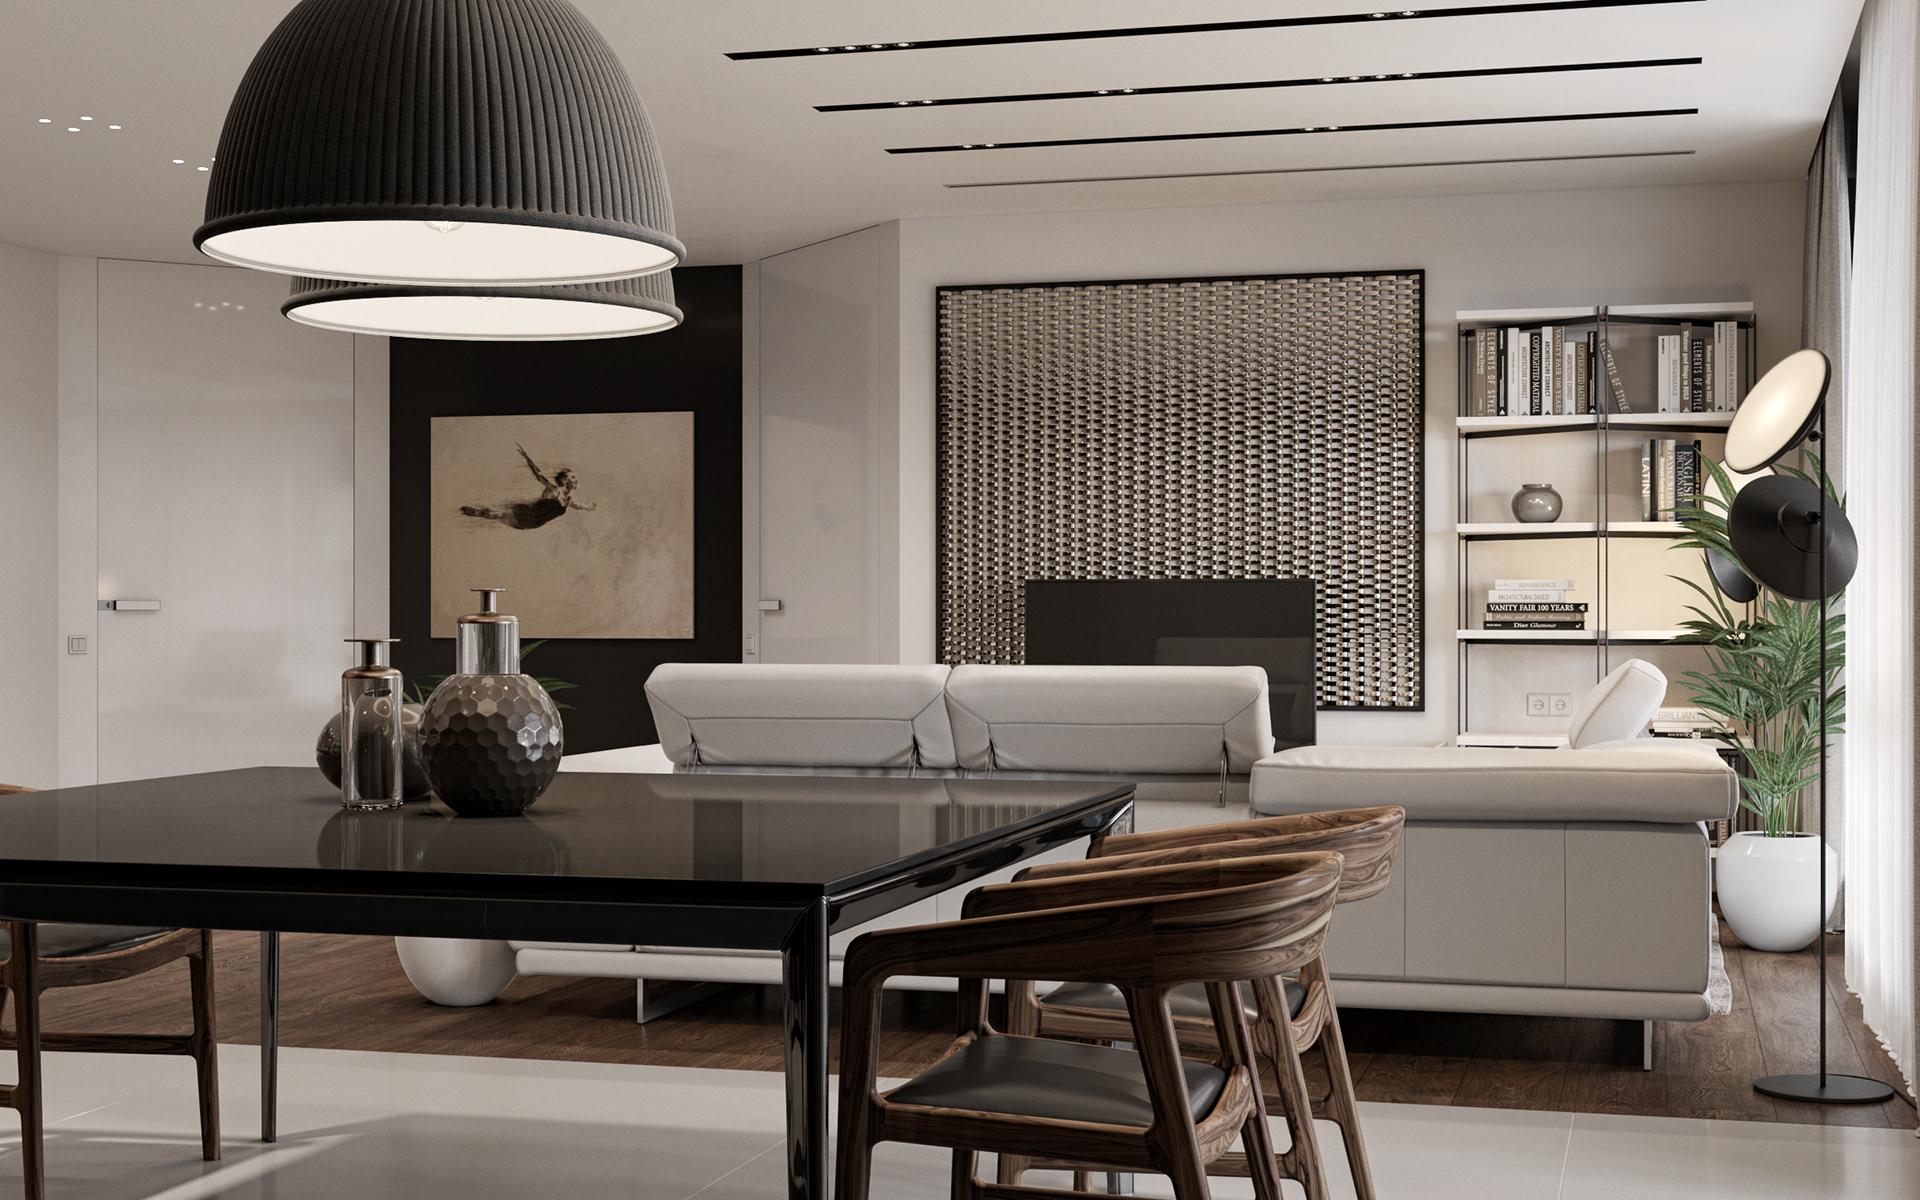 Illuminazione Soggiorno Moderno : Illuminazione soggiorno moderno le regole per un progetto di